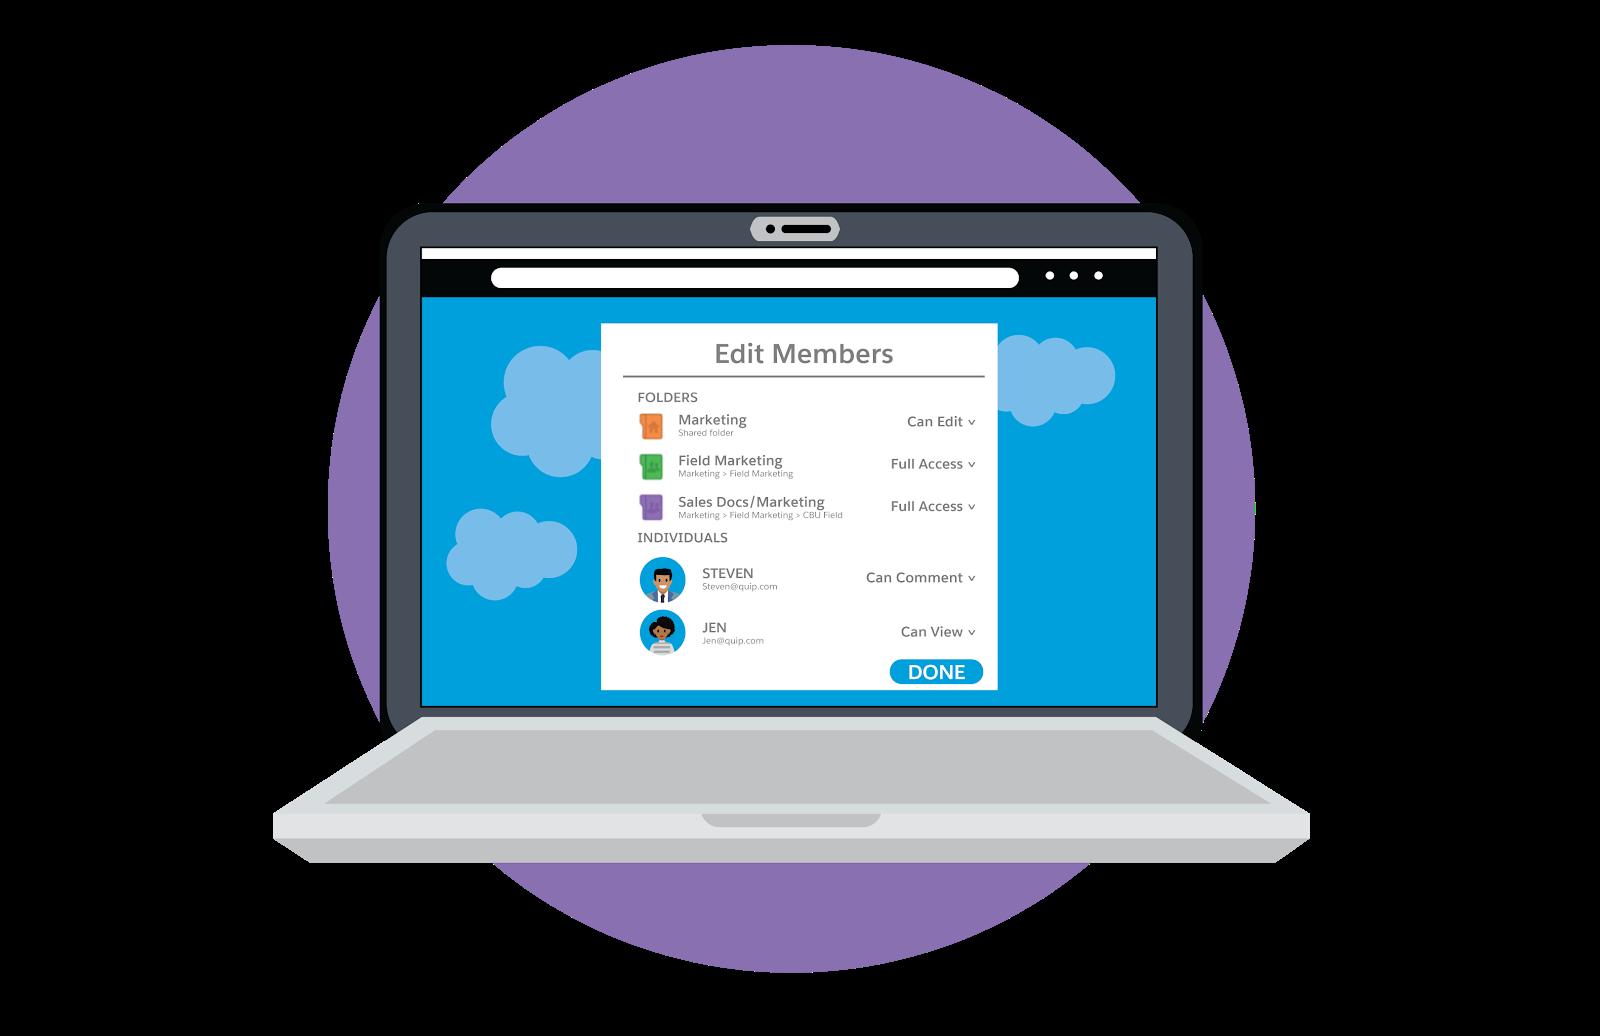 フォルダや個人ごとにメンバーの権限を編集する方法が表示されているラップトップ。